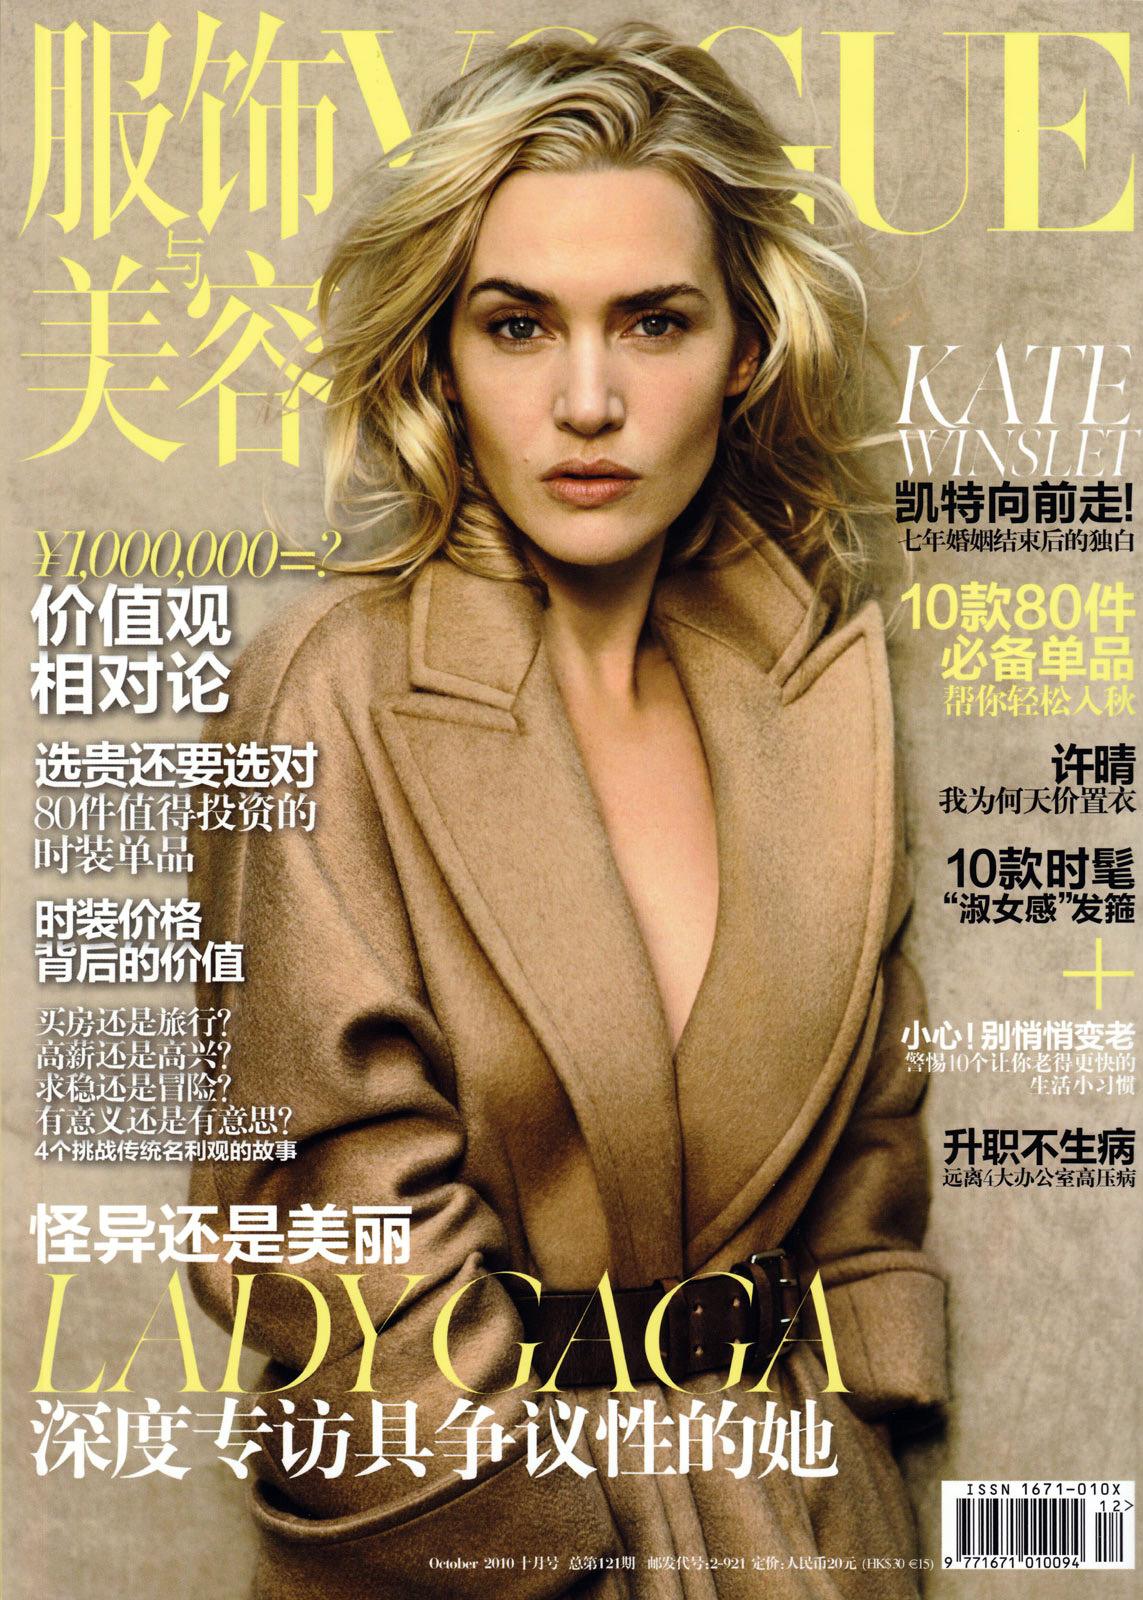 http://1.bp.blogspot.com/_c_eWWE12TP8/TMdhoX8KxtI/AAAAAAAAHr8/ZErt-MQD1S0/s1600/Kate+Winslet+Vogue+China.jpg